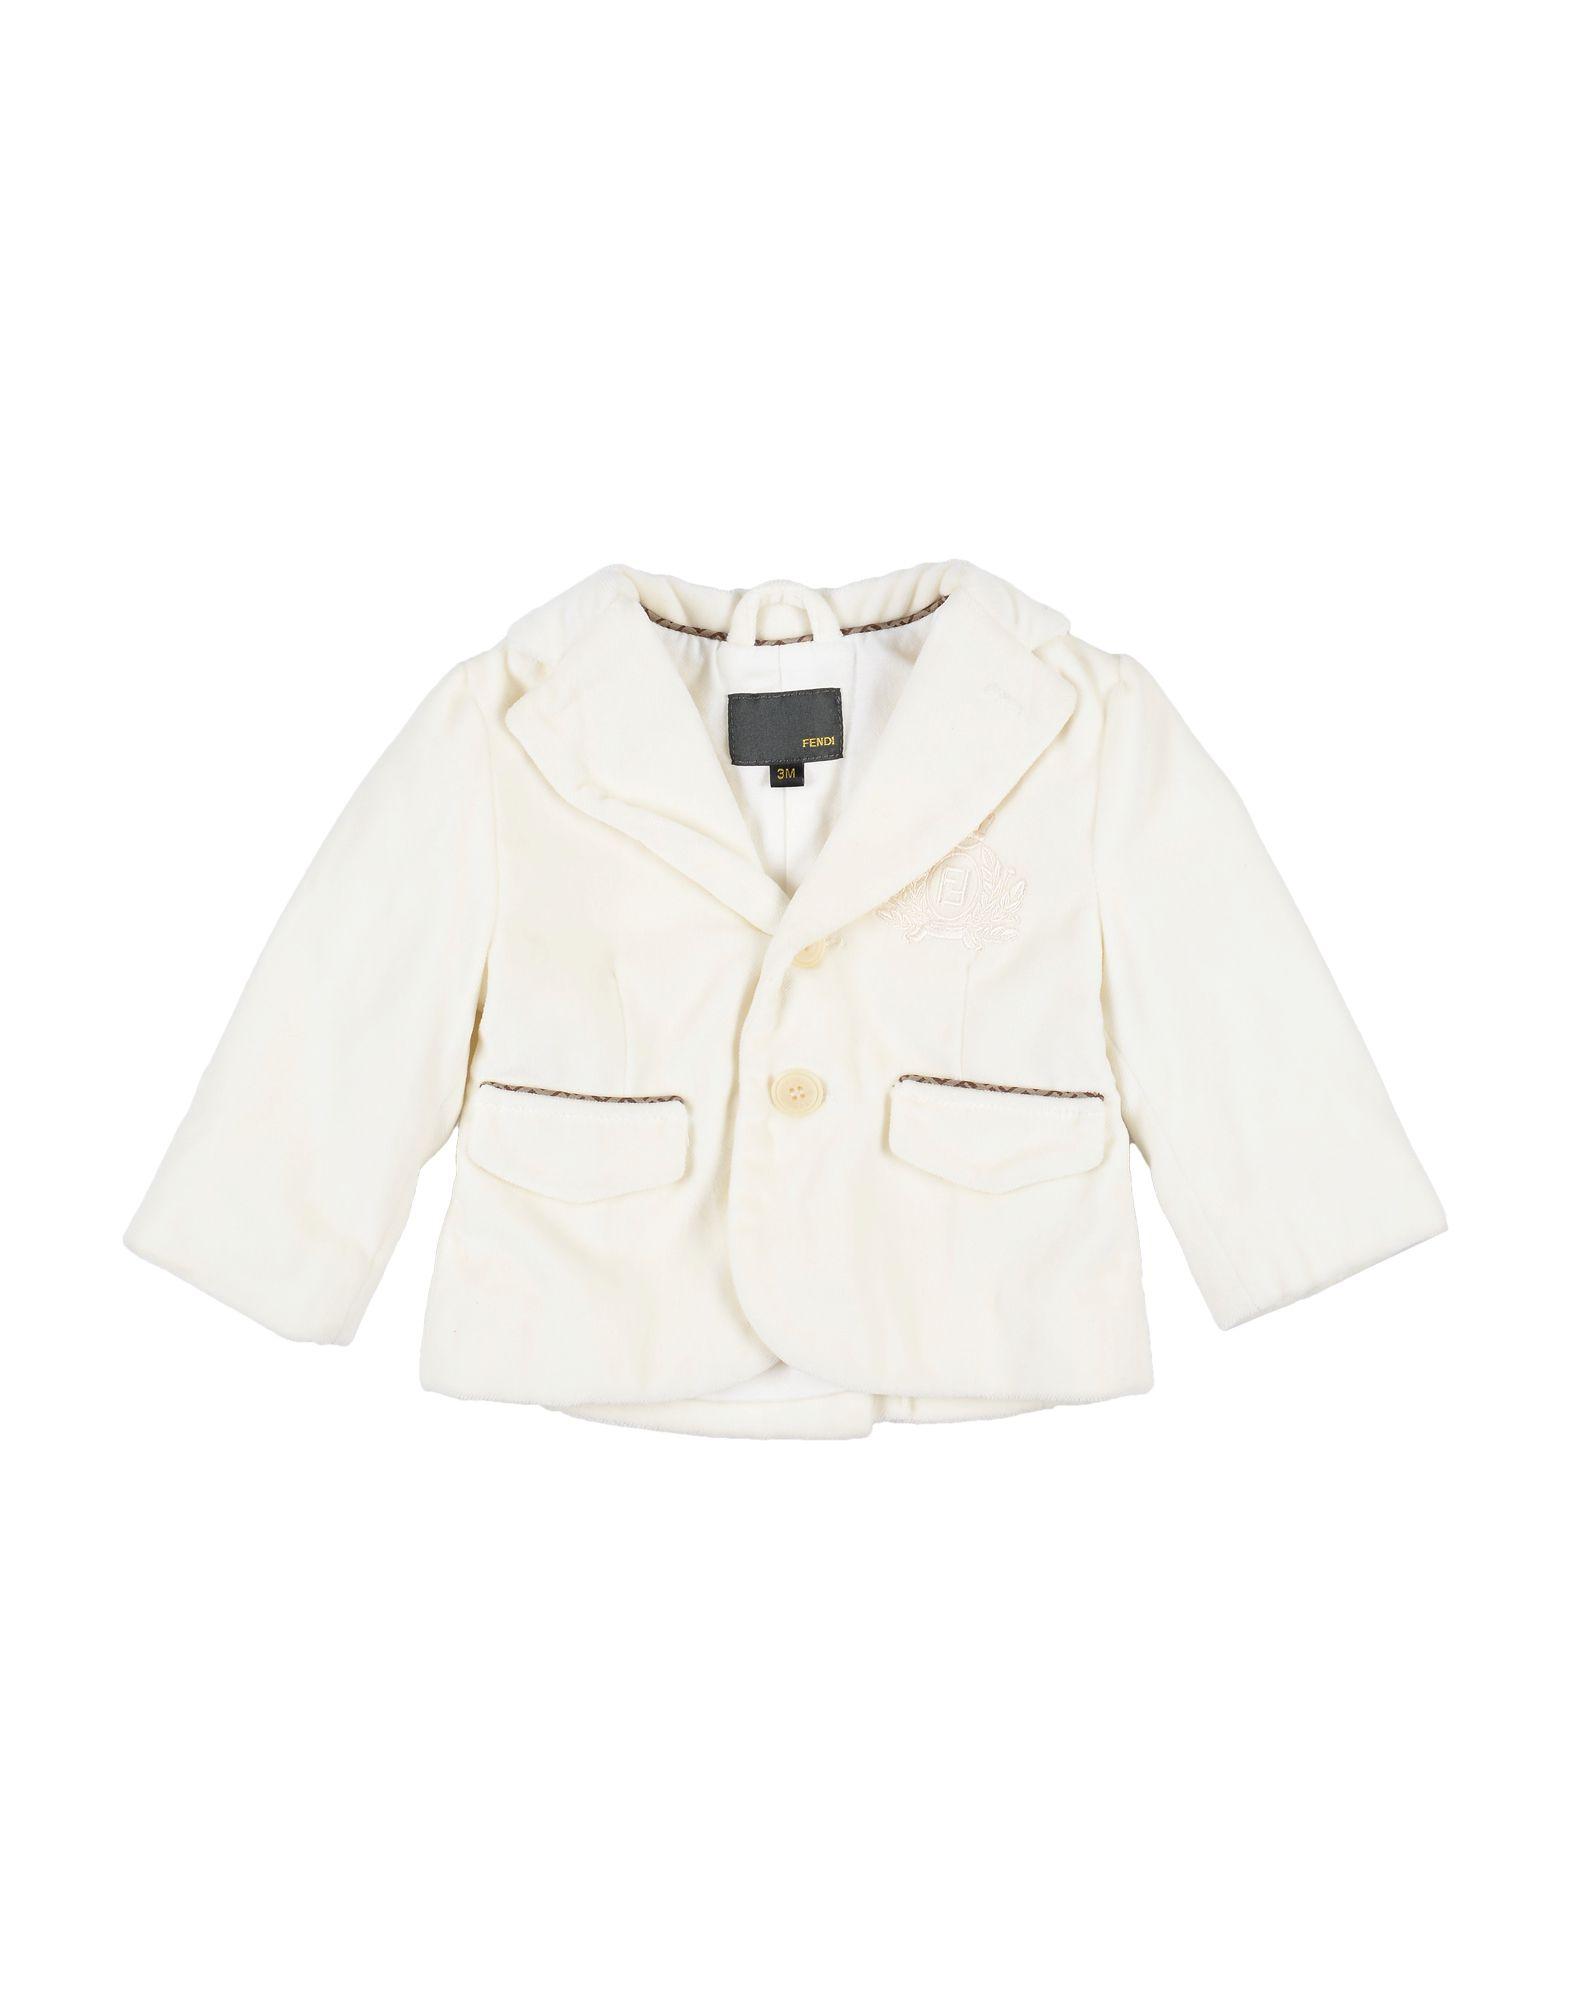 38e1f0e3a27 Μπουφάν Και Γιλέκα Αγόρι Fendi 0-24 μηνών - Παιδικά ρούχα στο YOOX